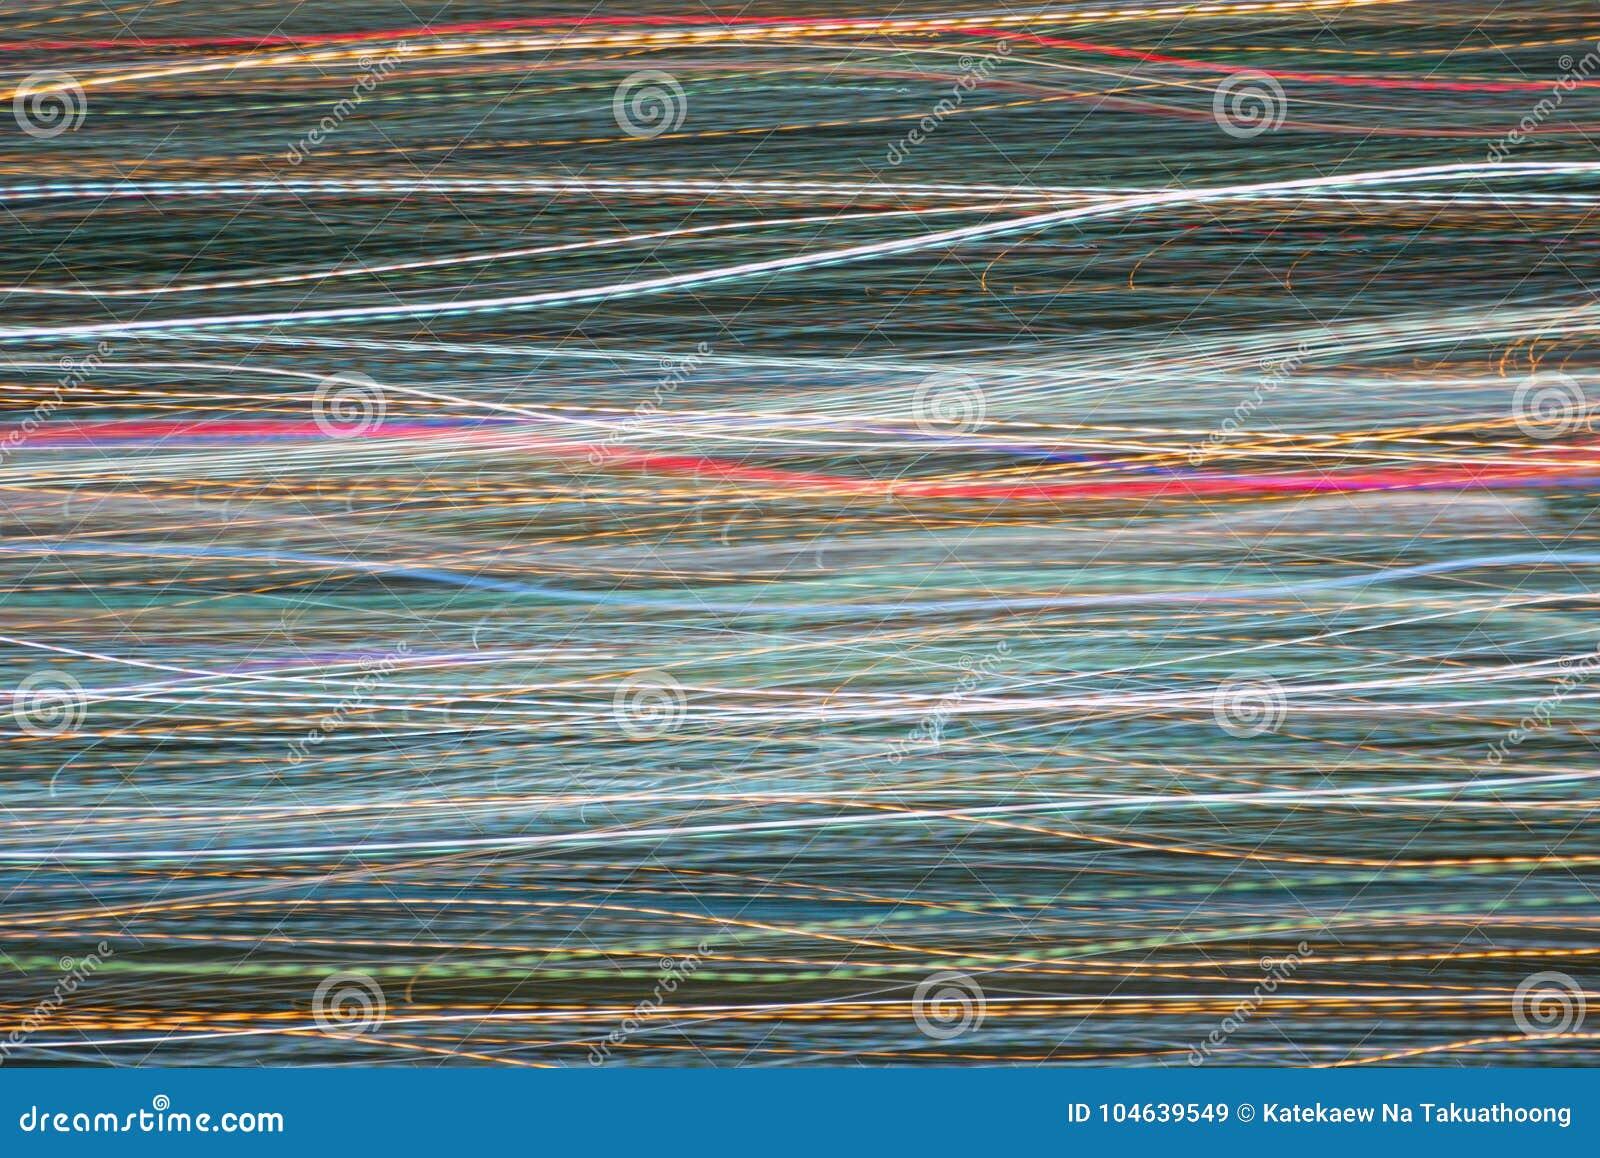 Download Het Effect Van Het Ontploffingsgezoem, Lichte Lijnen Met Lange Blootstelling Stock Afbeelding - Afbeelding bestaande uit kosmisch, kerstmis: 104639549